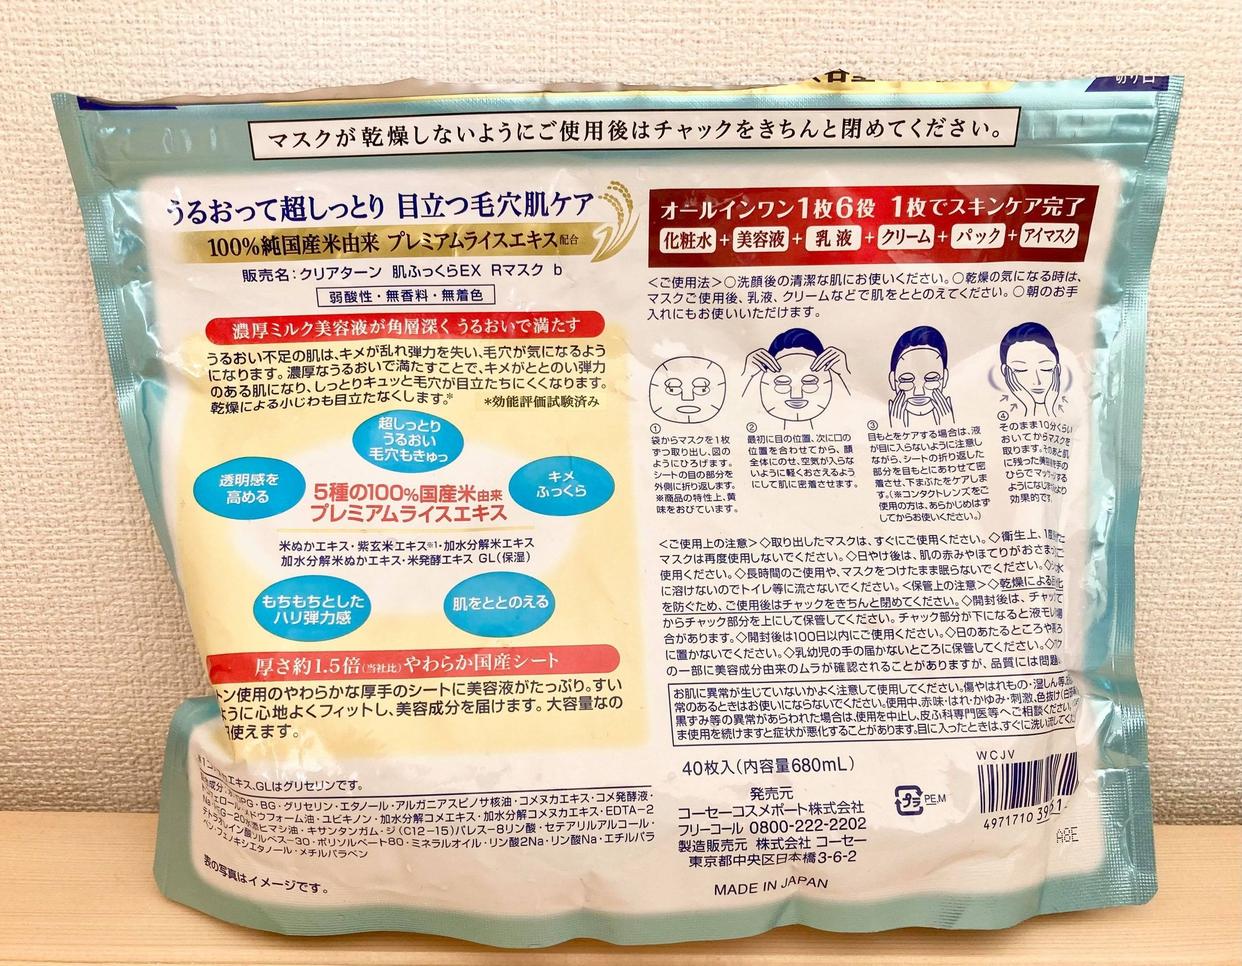 CLEAR TURN(クリアターン) 純国産米マスク EXを使ったEvaさんのクチコミ画像3